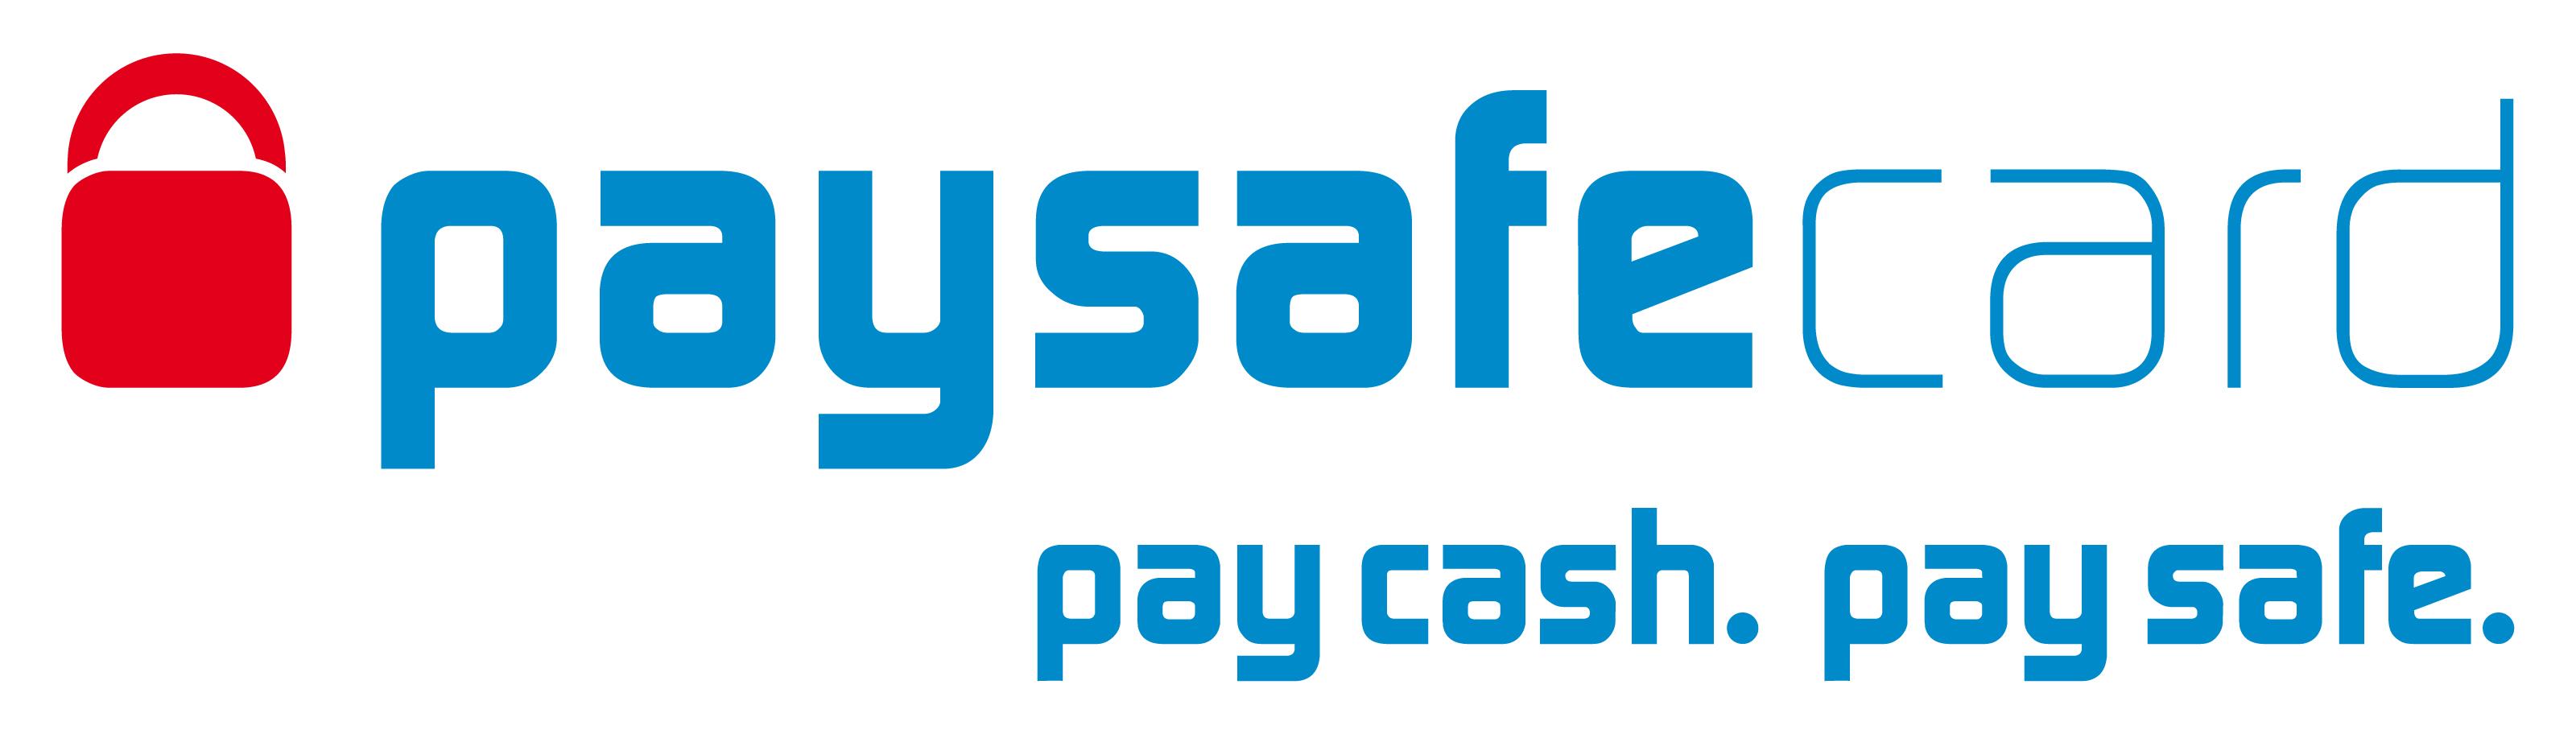 paysafecard sms